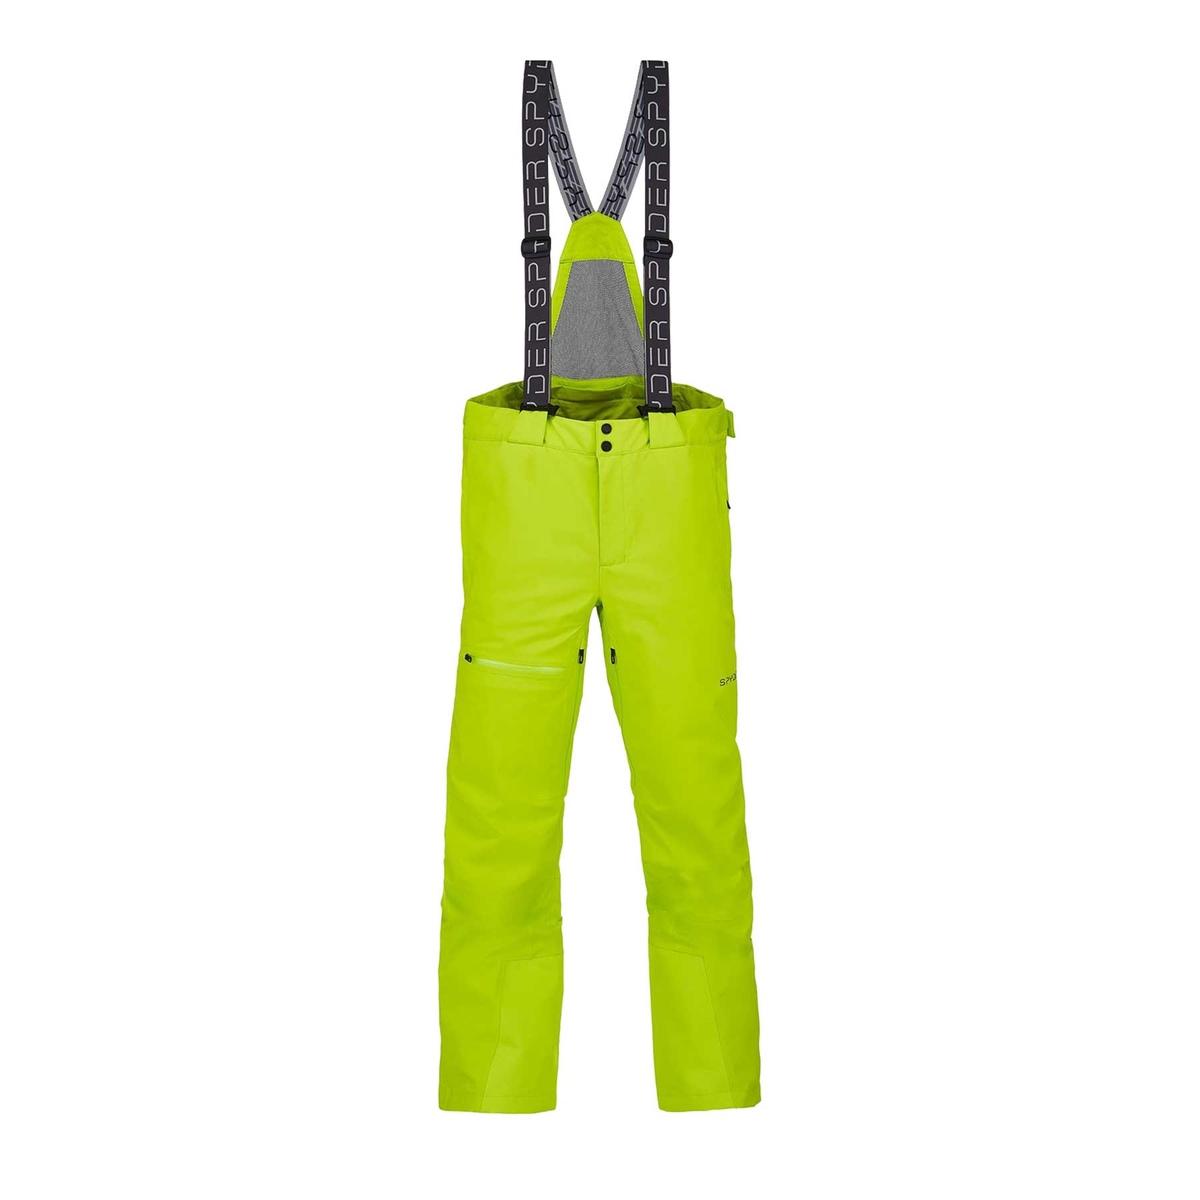 Prezzi Spyder pantaloni dare gore-tex